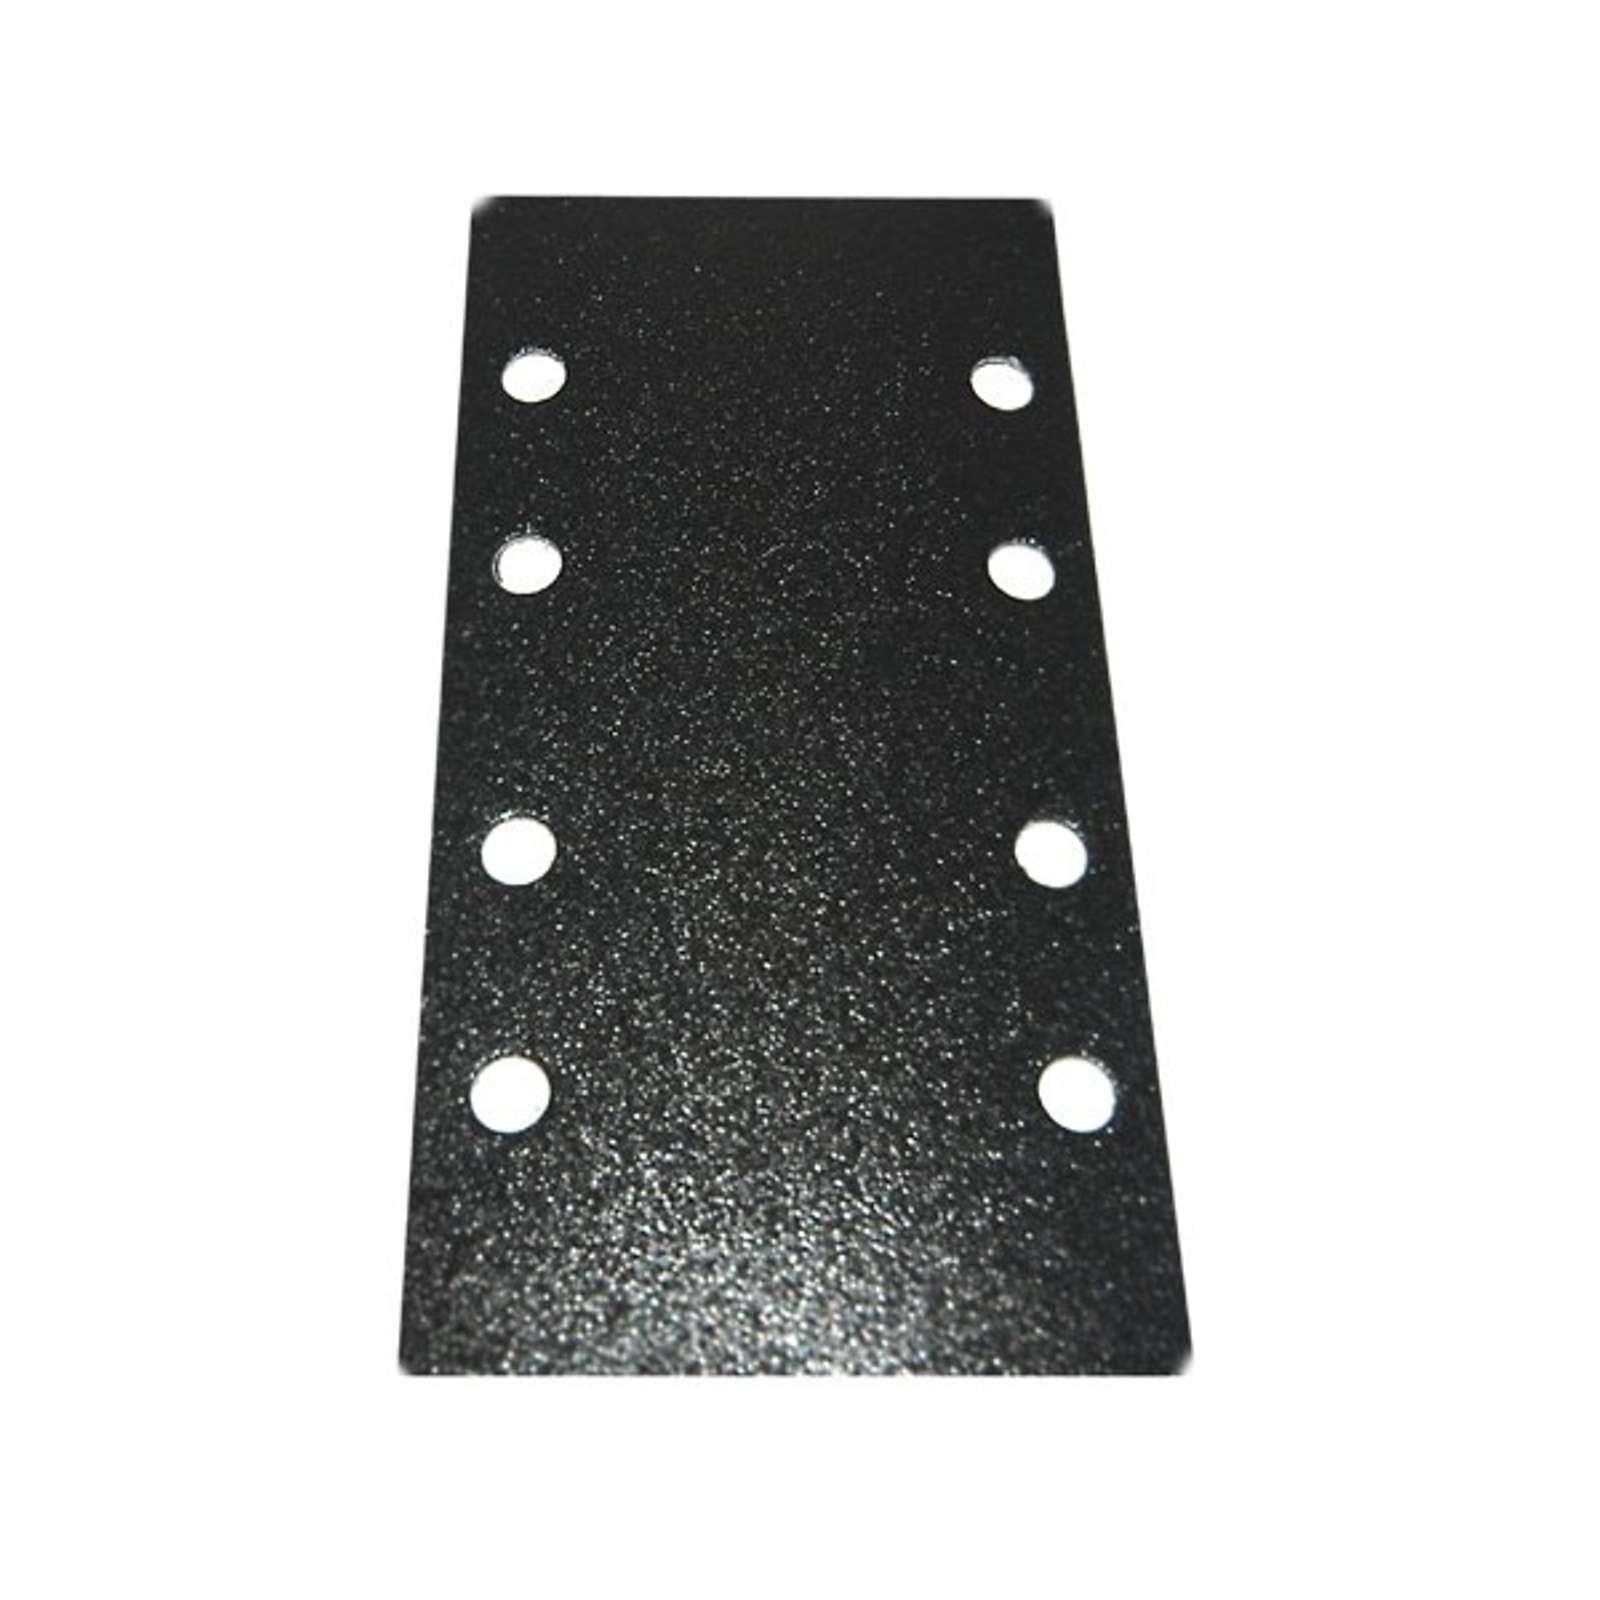 Набор листов шлифовальных для ПШМ Uragan P120, на липучке, 93×185 мм, 10 шт